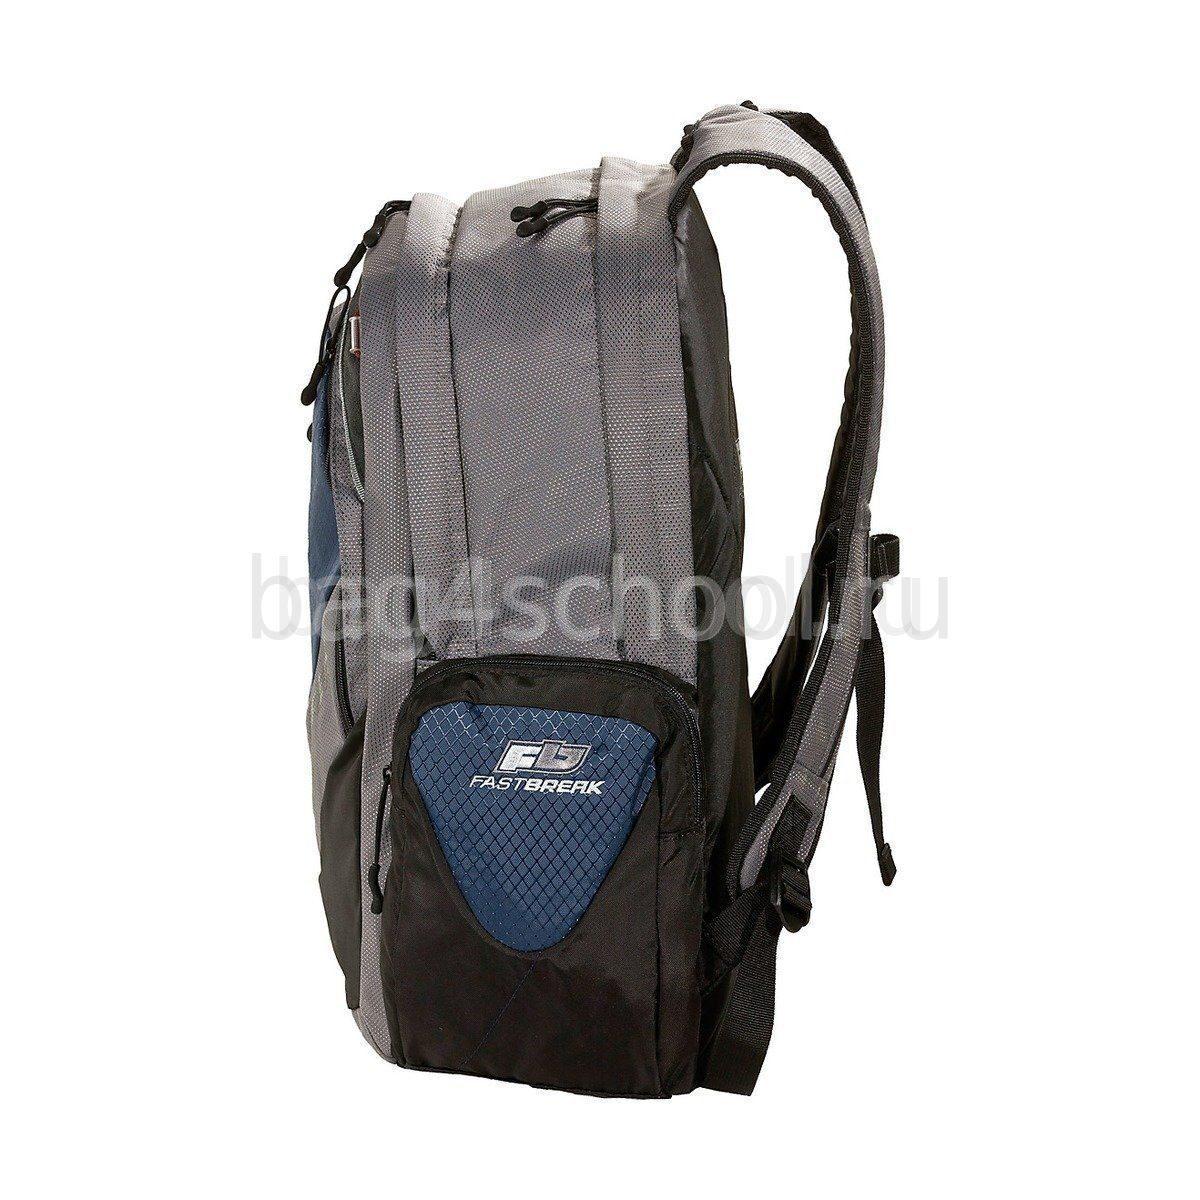 Рюкзак Fastbreak-Underbar серый/тёмно-синий 127600-257